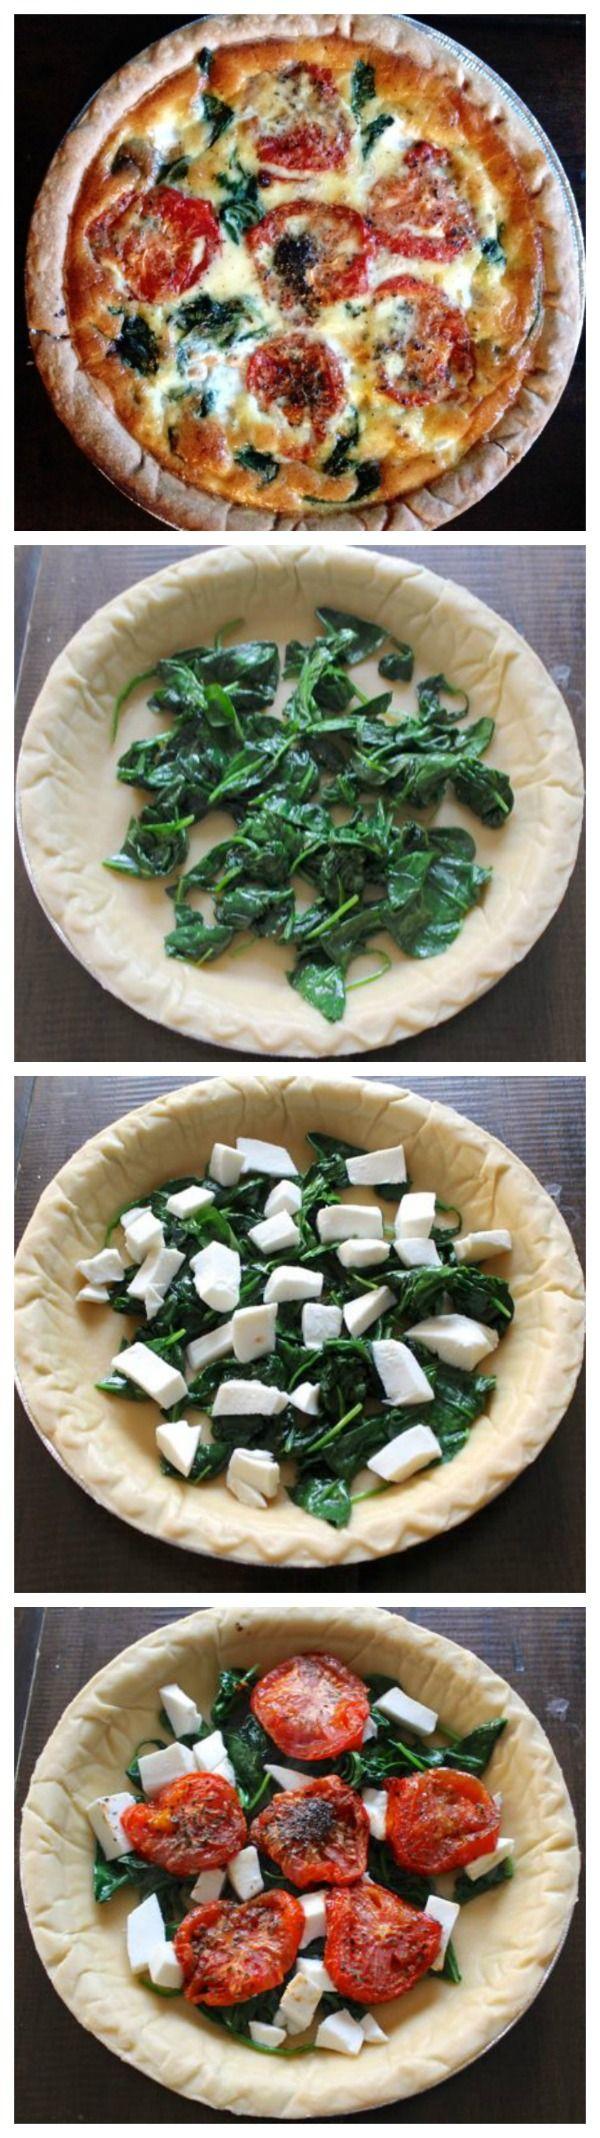 Roasted tomato spinach and mozzarella quiche recipe via roasted tomato spinach and mozzarella quiche recipe via thekittchen forumfinder Image collections